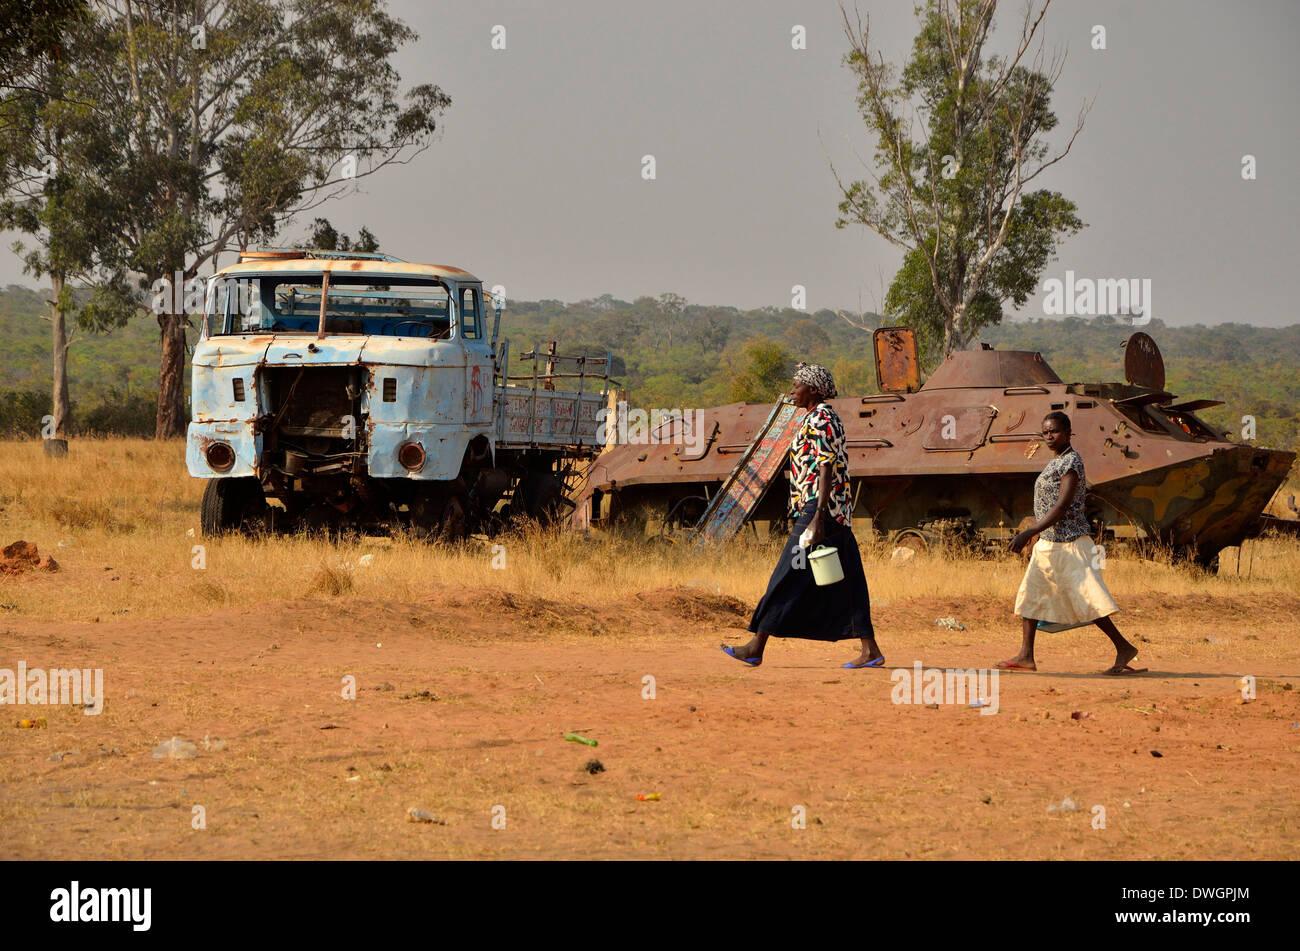 Les femmes et le réservoir, l'Angola, l'Afrique Banque D'Images